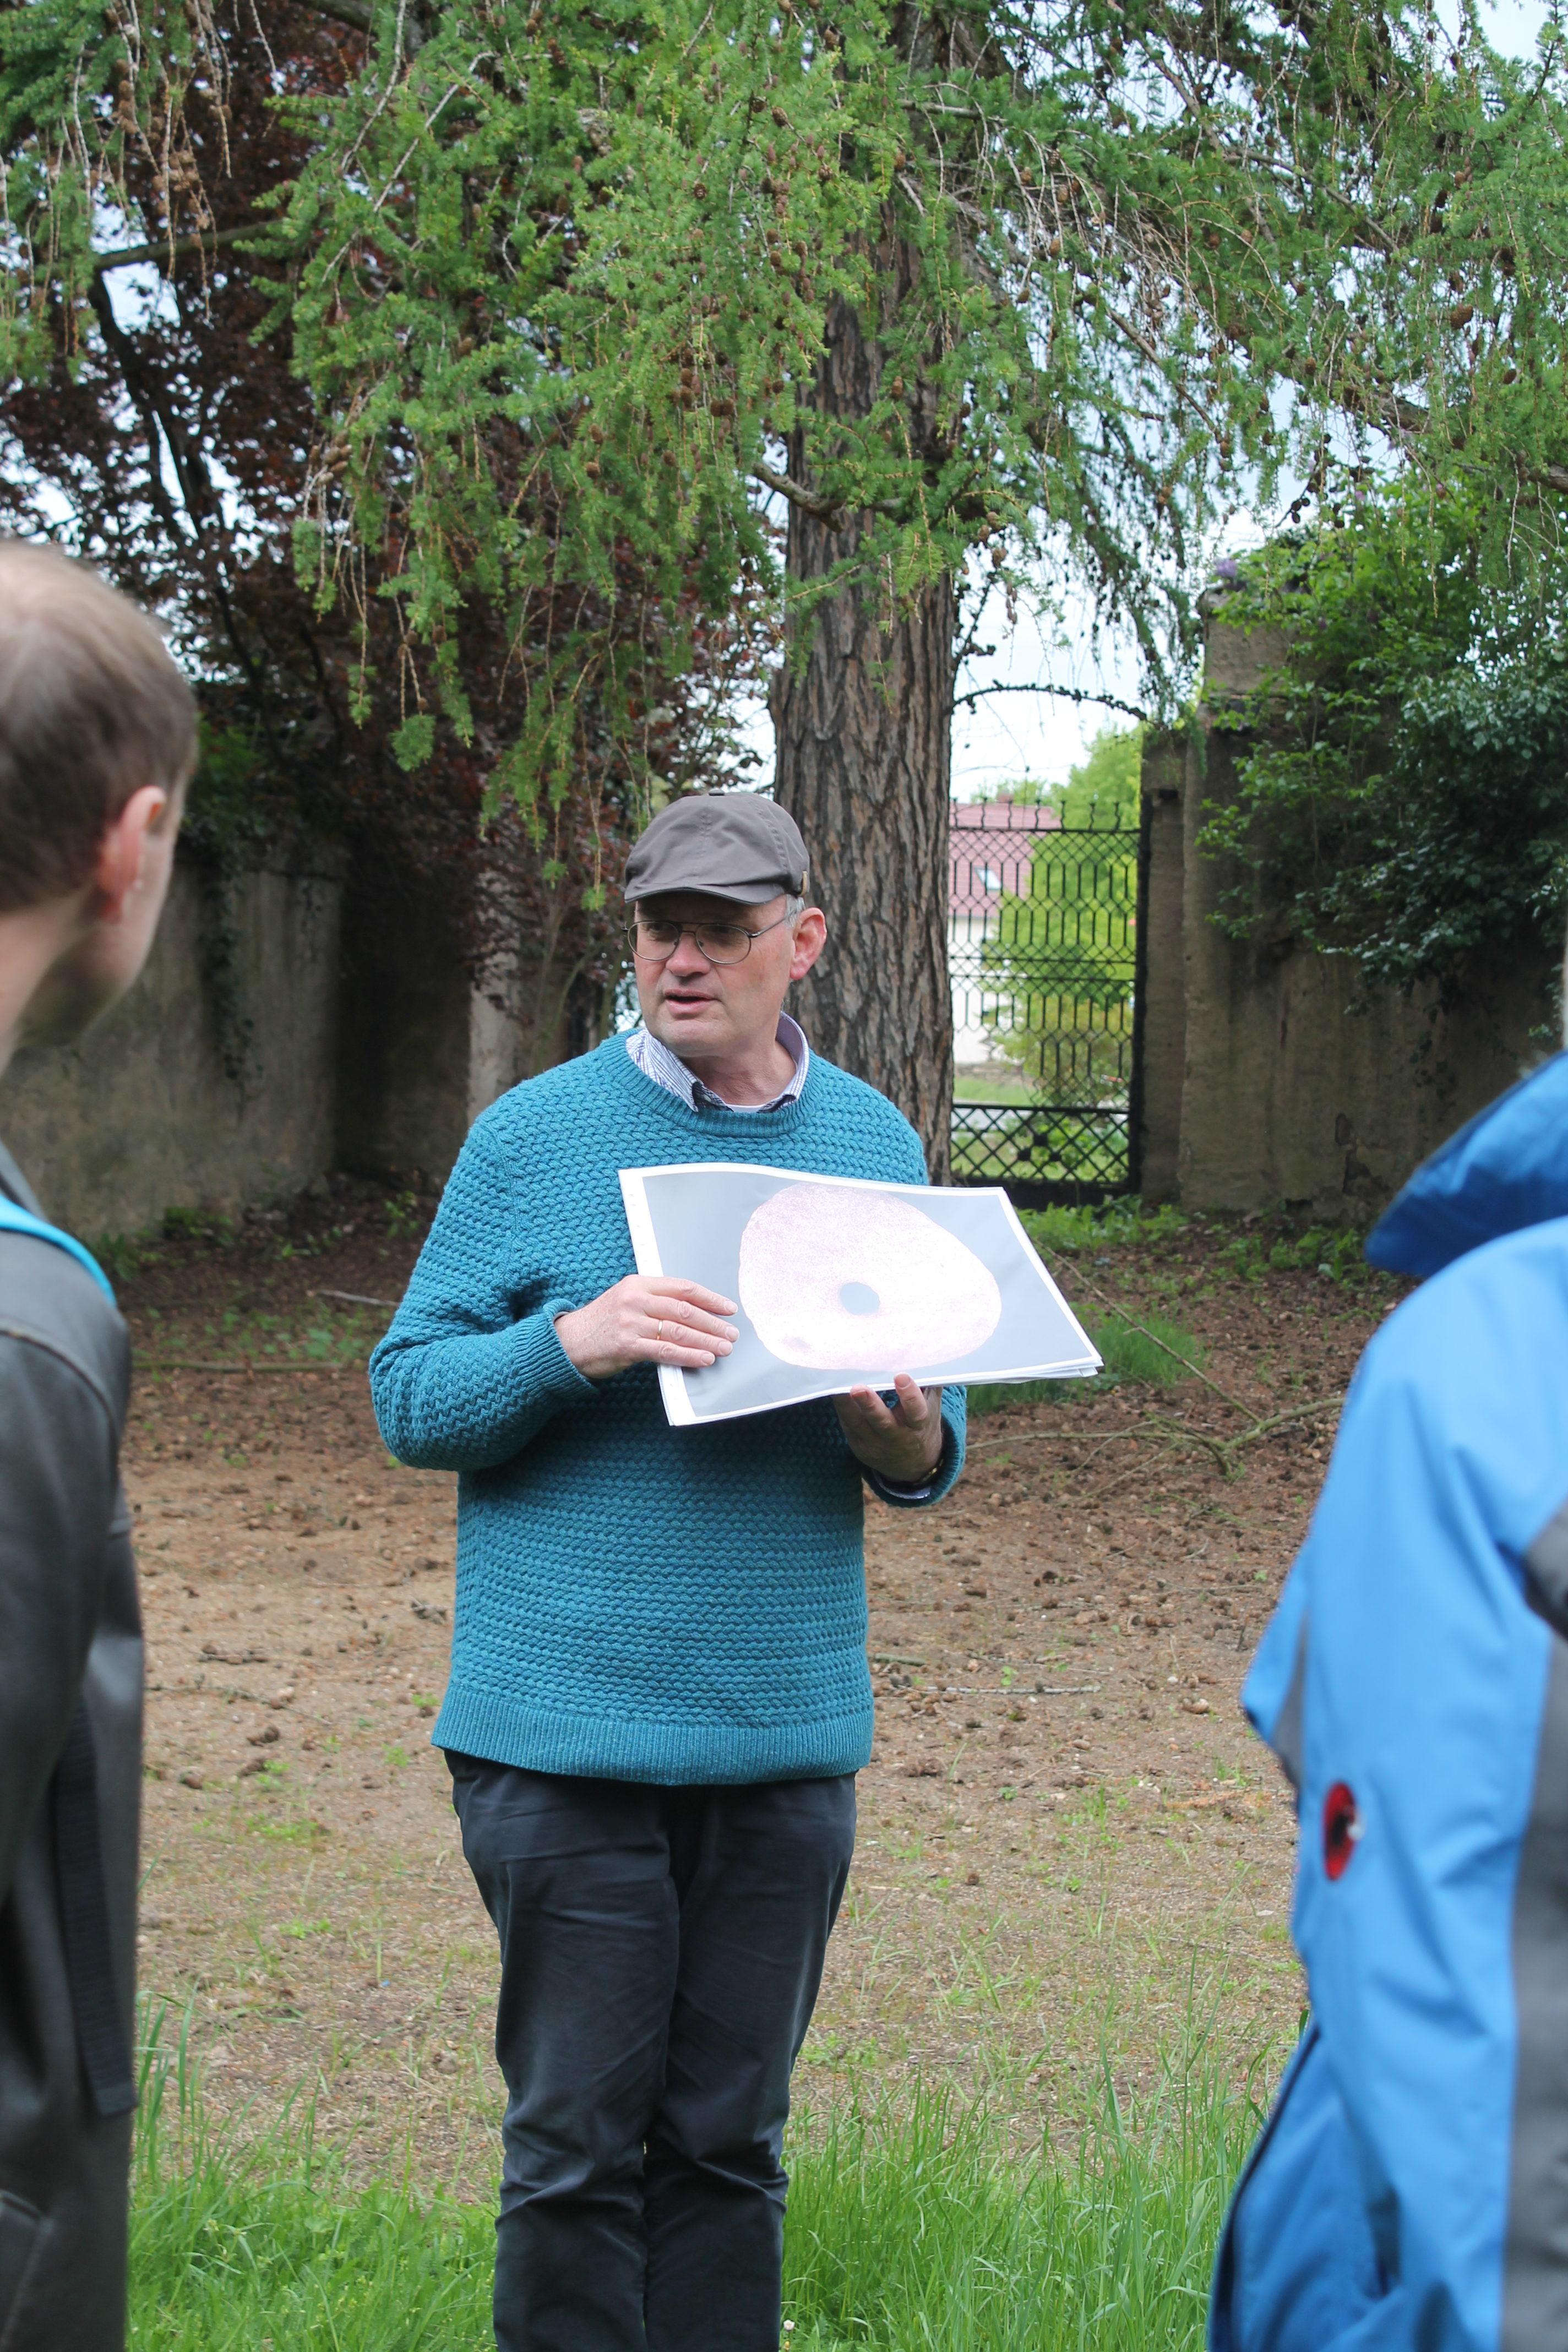 Foto: Herr Dr. Westphalen_Geopark Exkursion, N. Friedrich